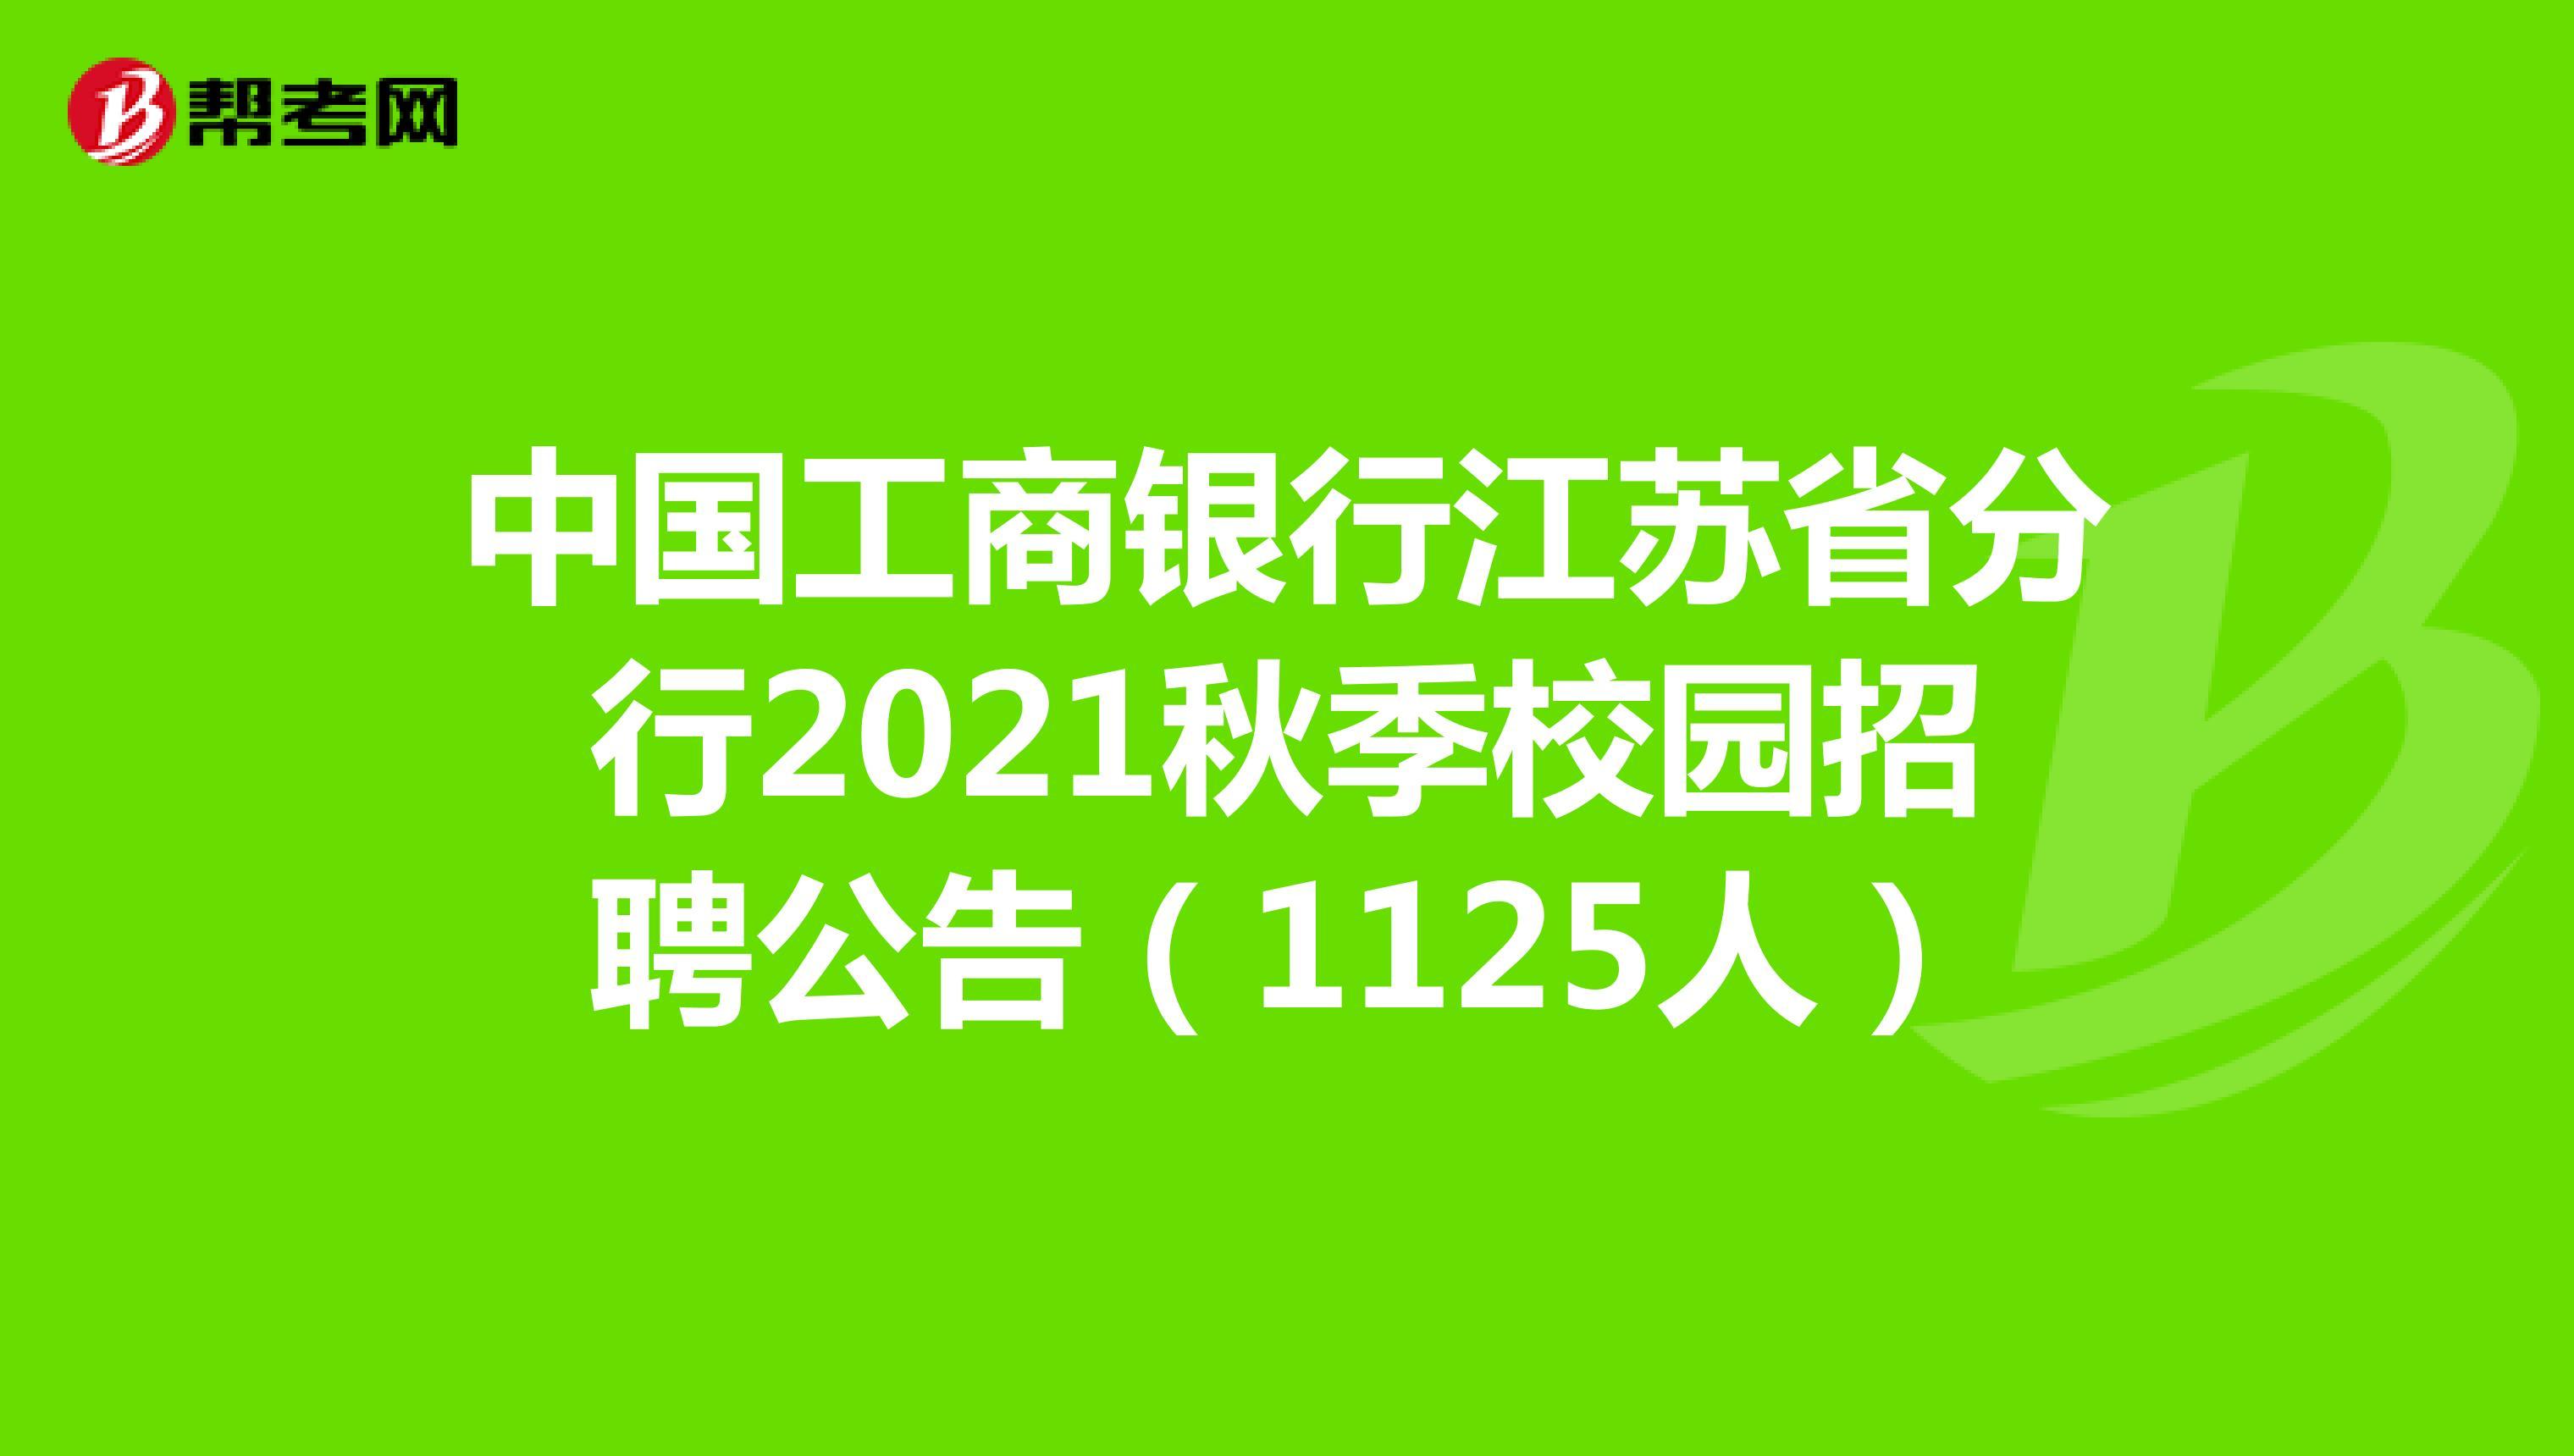 中国工商银行江苏省分行2021秋季校园招聘公告(1125人)